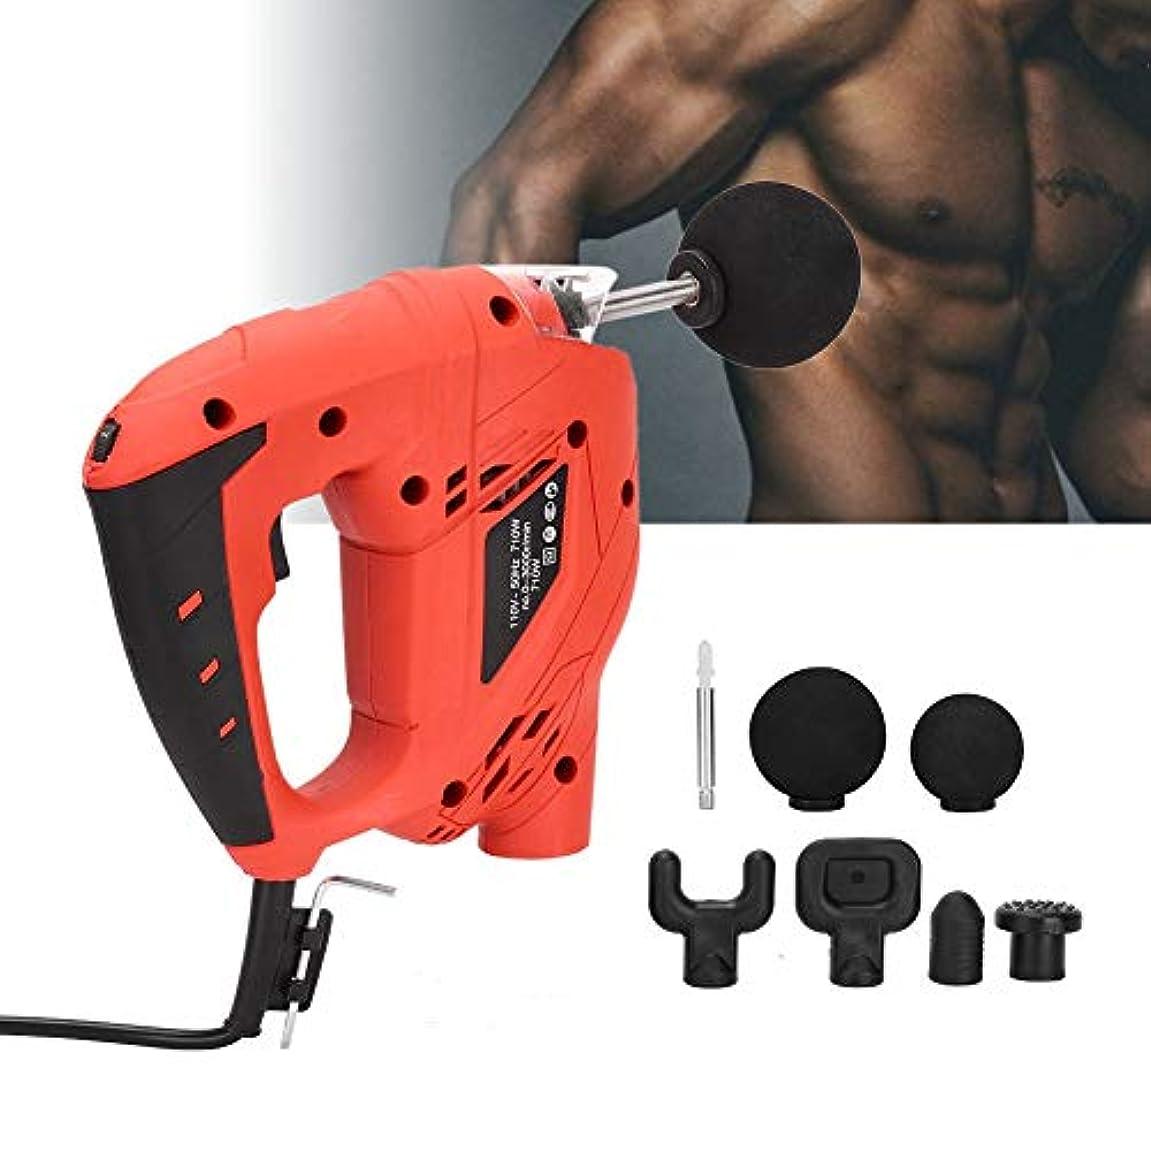 不快定数定数筋肉マッサージ銃、調整可能な速度を備えたプロのハンドヘルド振動マッサージ装置、電動フルボディ筋肉マッサージ機器(US)